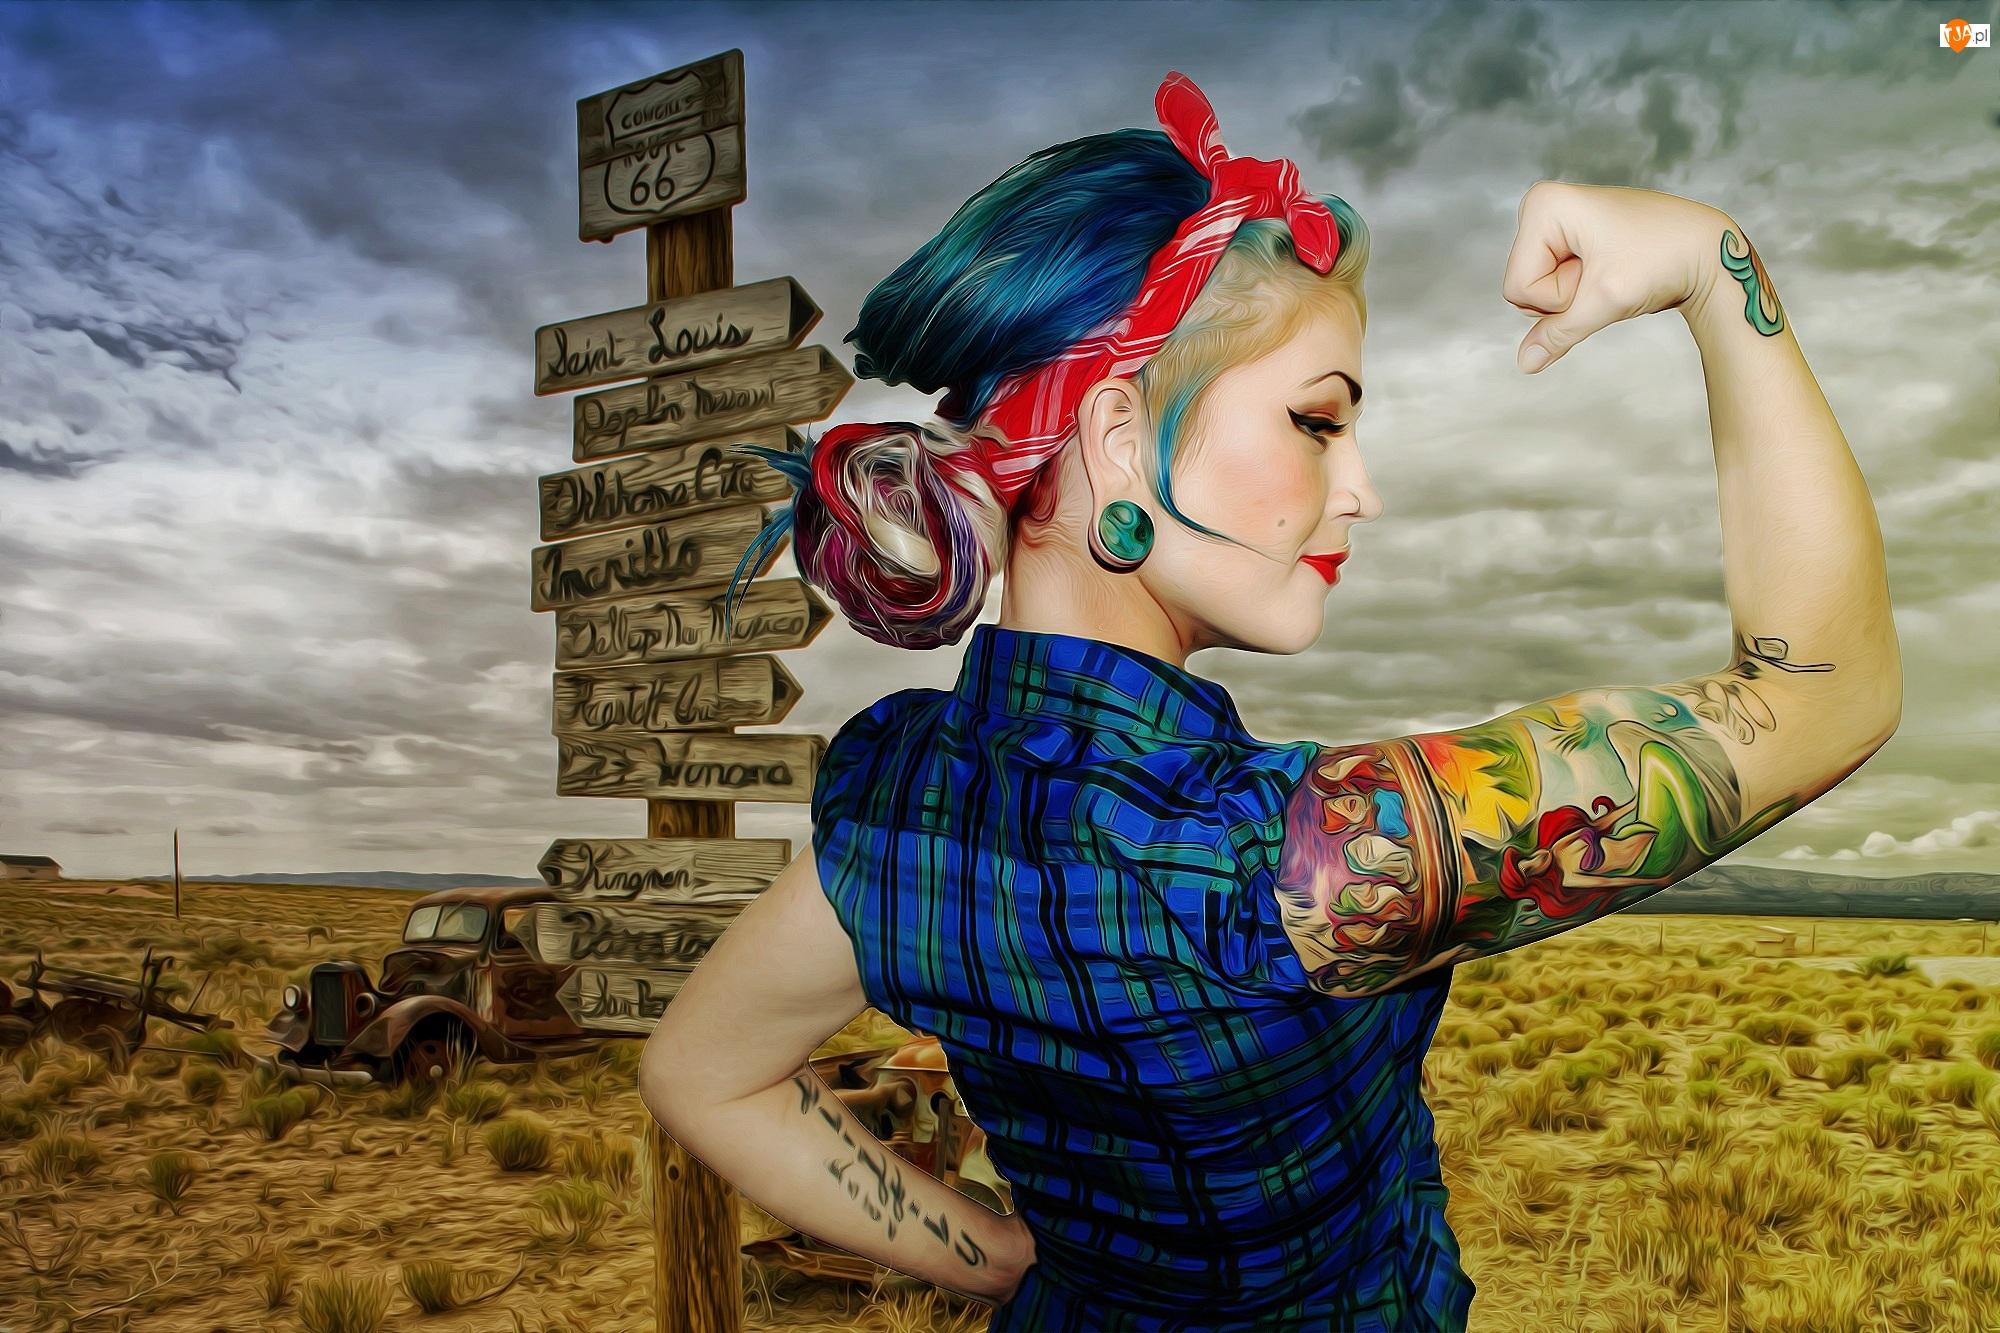 Grafika, Kobieta, Tatuaże, Drogowskazy